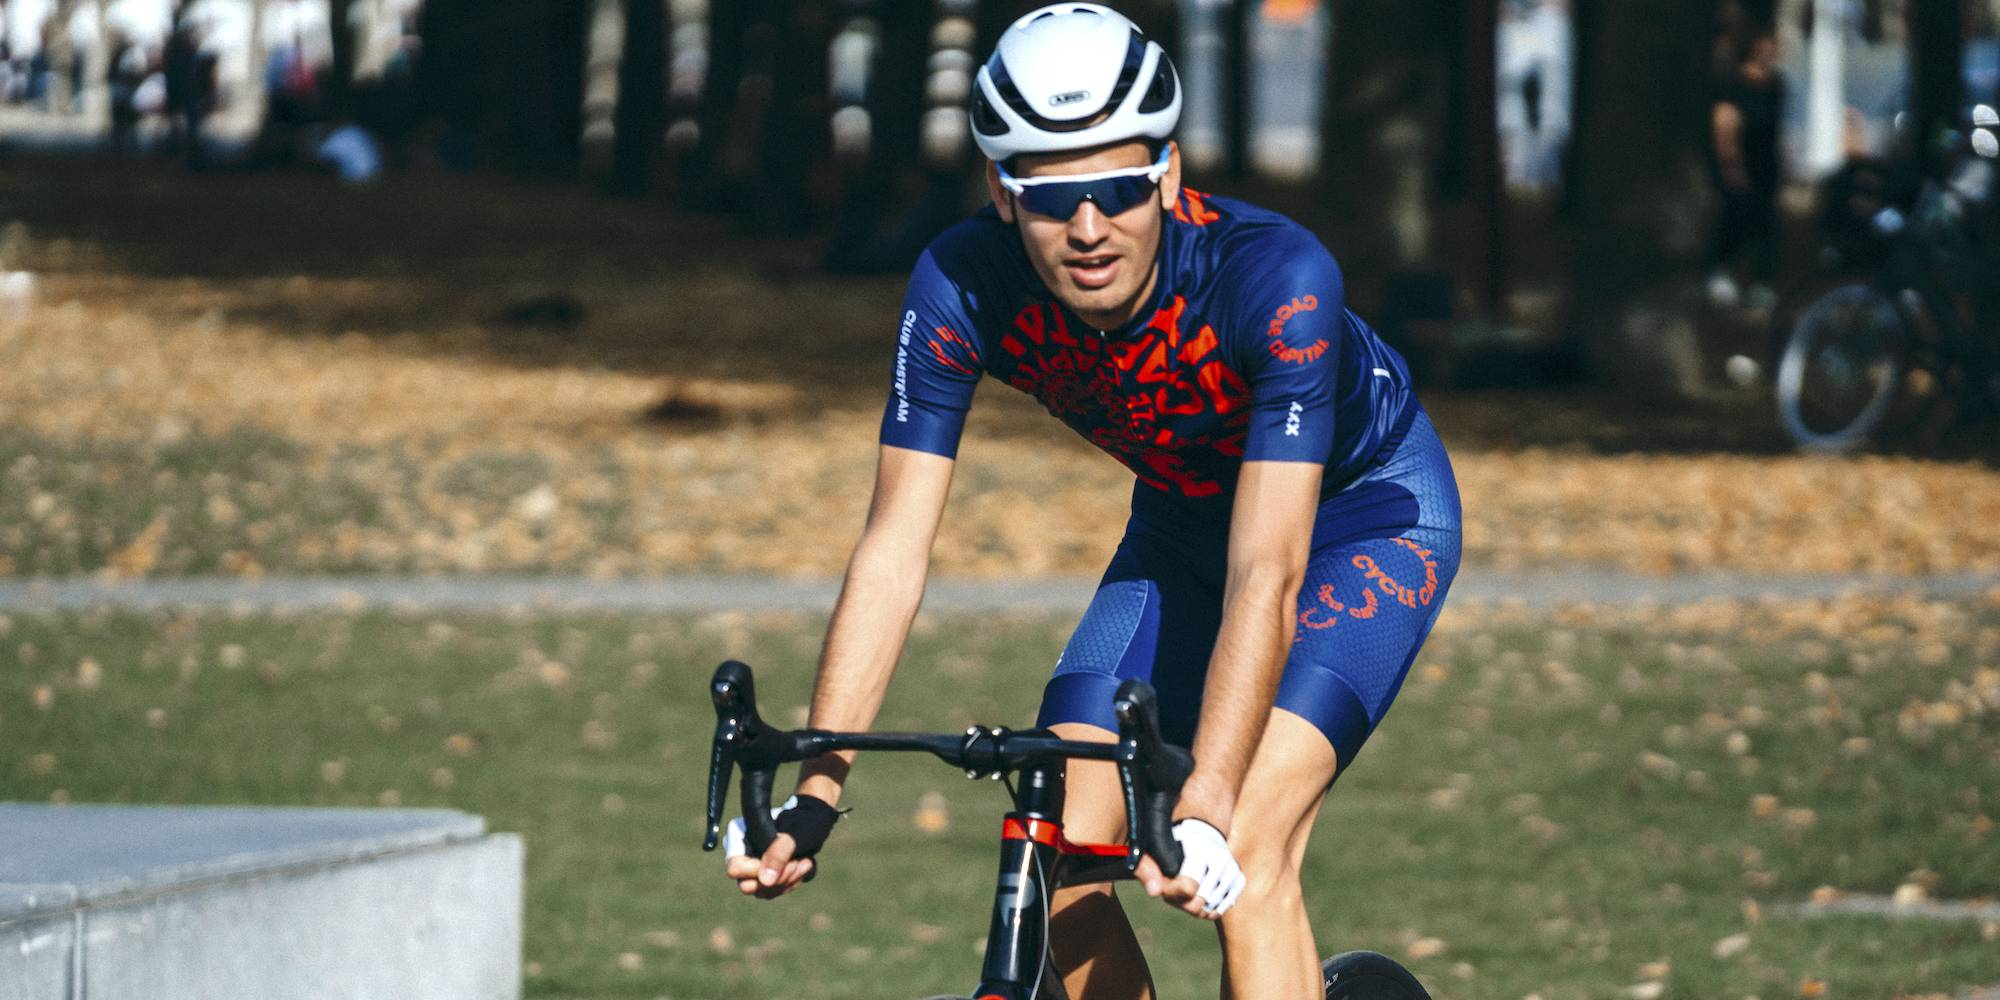 Foto Cycle Capital herfsttraining voor beginnende wielrenners